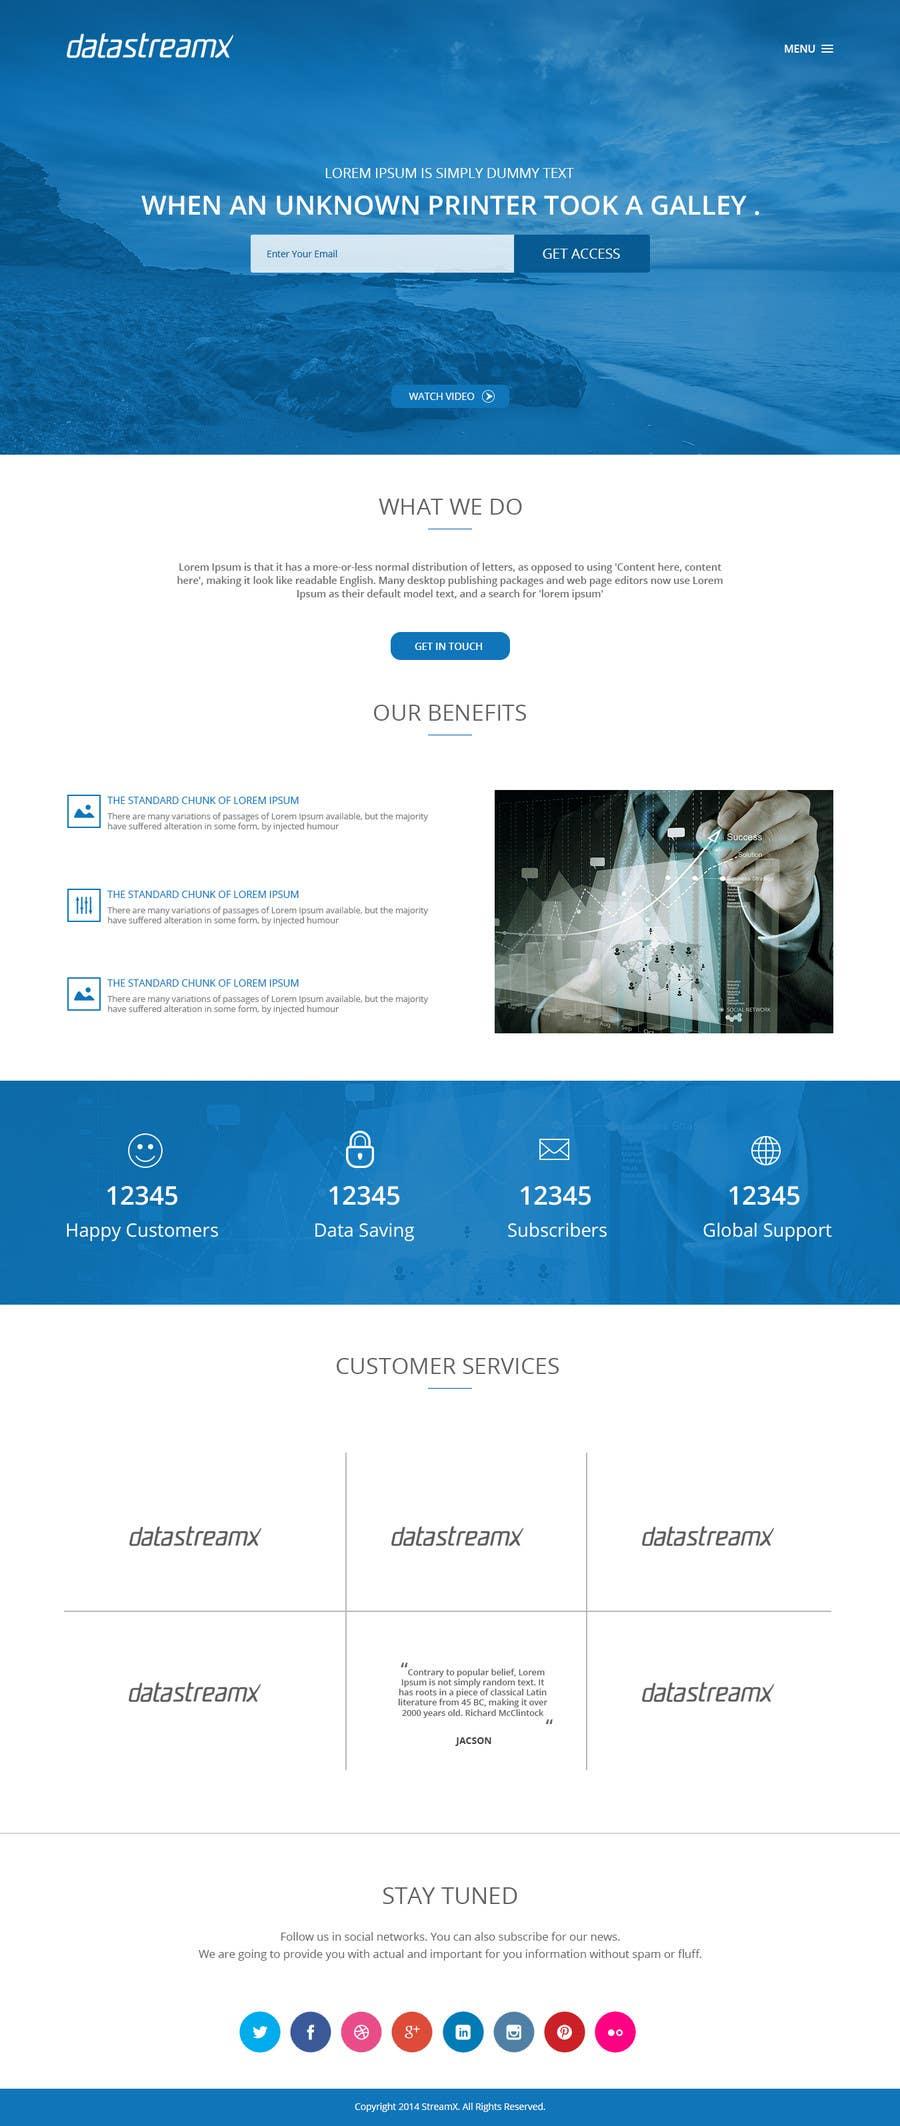 Penyertaan Peraduan #9 untuk Design a Website Mockup for Blog & Landing Page Template